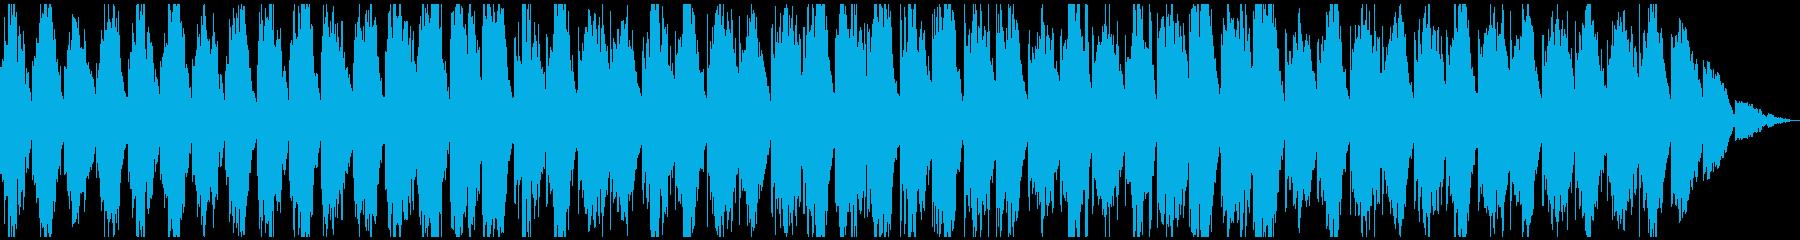 瞑想やヨガ、睡眠誘導のための音楽 08bの再生済みの波形